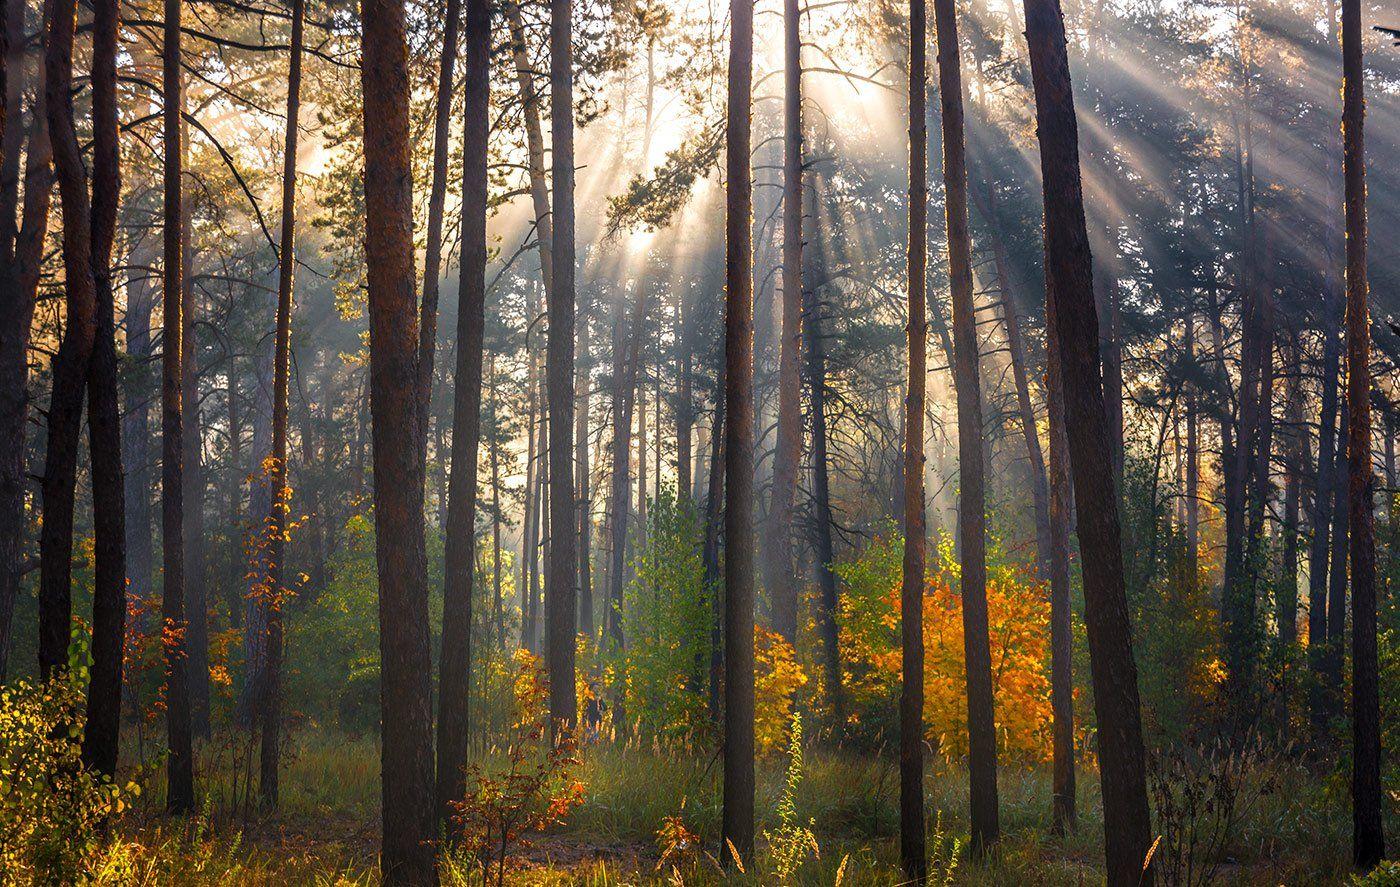 landscape, пейзаж, утро, лес, сосны, деревья, солнечный свет,  солнце, природа, солнечные лучи,  прогулка, осень, осенние краски, Шерман Михаил